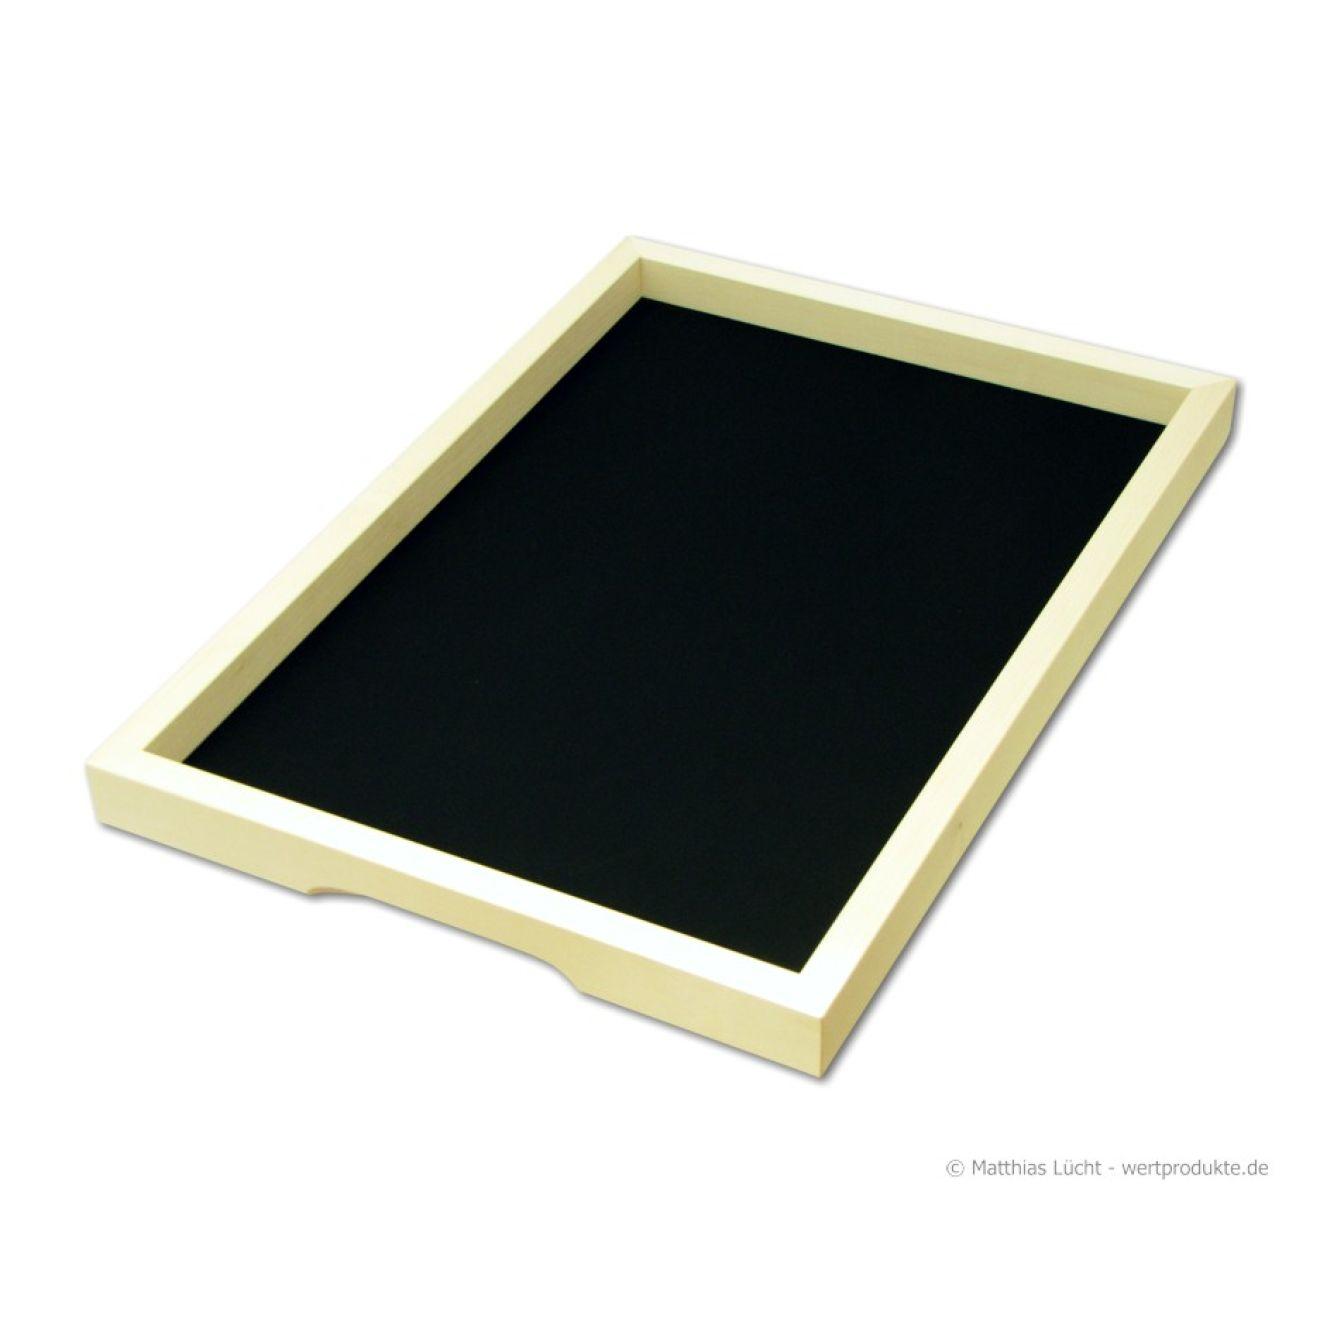 tablett l schwarz rutschfest eckig aus holz serviertablett anti rutsch wertprodukte. Black Bedroom Furniture Sets. Home Design Ideas